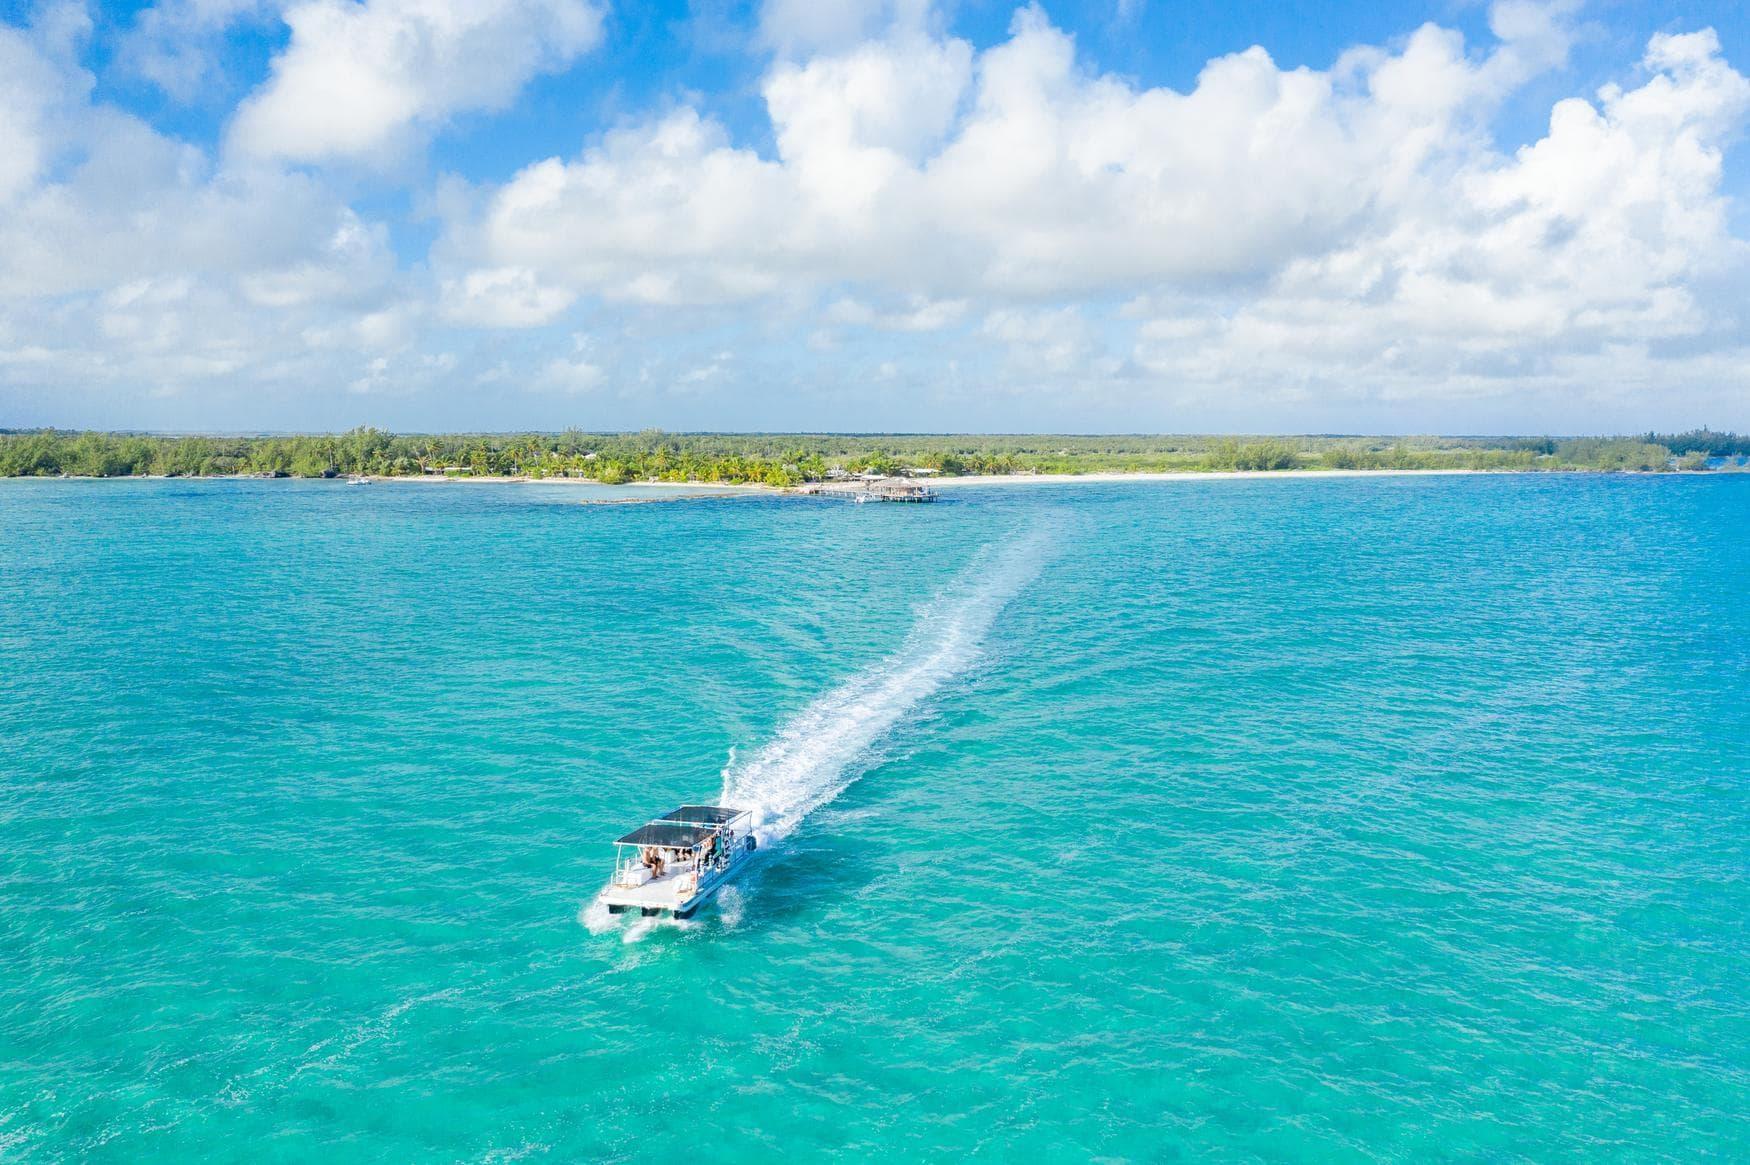 Aktivitäten auf den Bahamas: Eine Bootstour sollte man sich nicht entgehen lassen